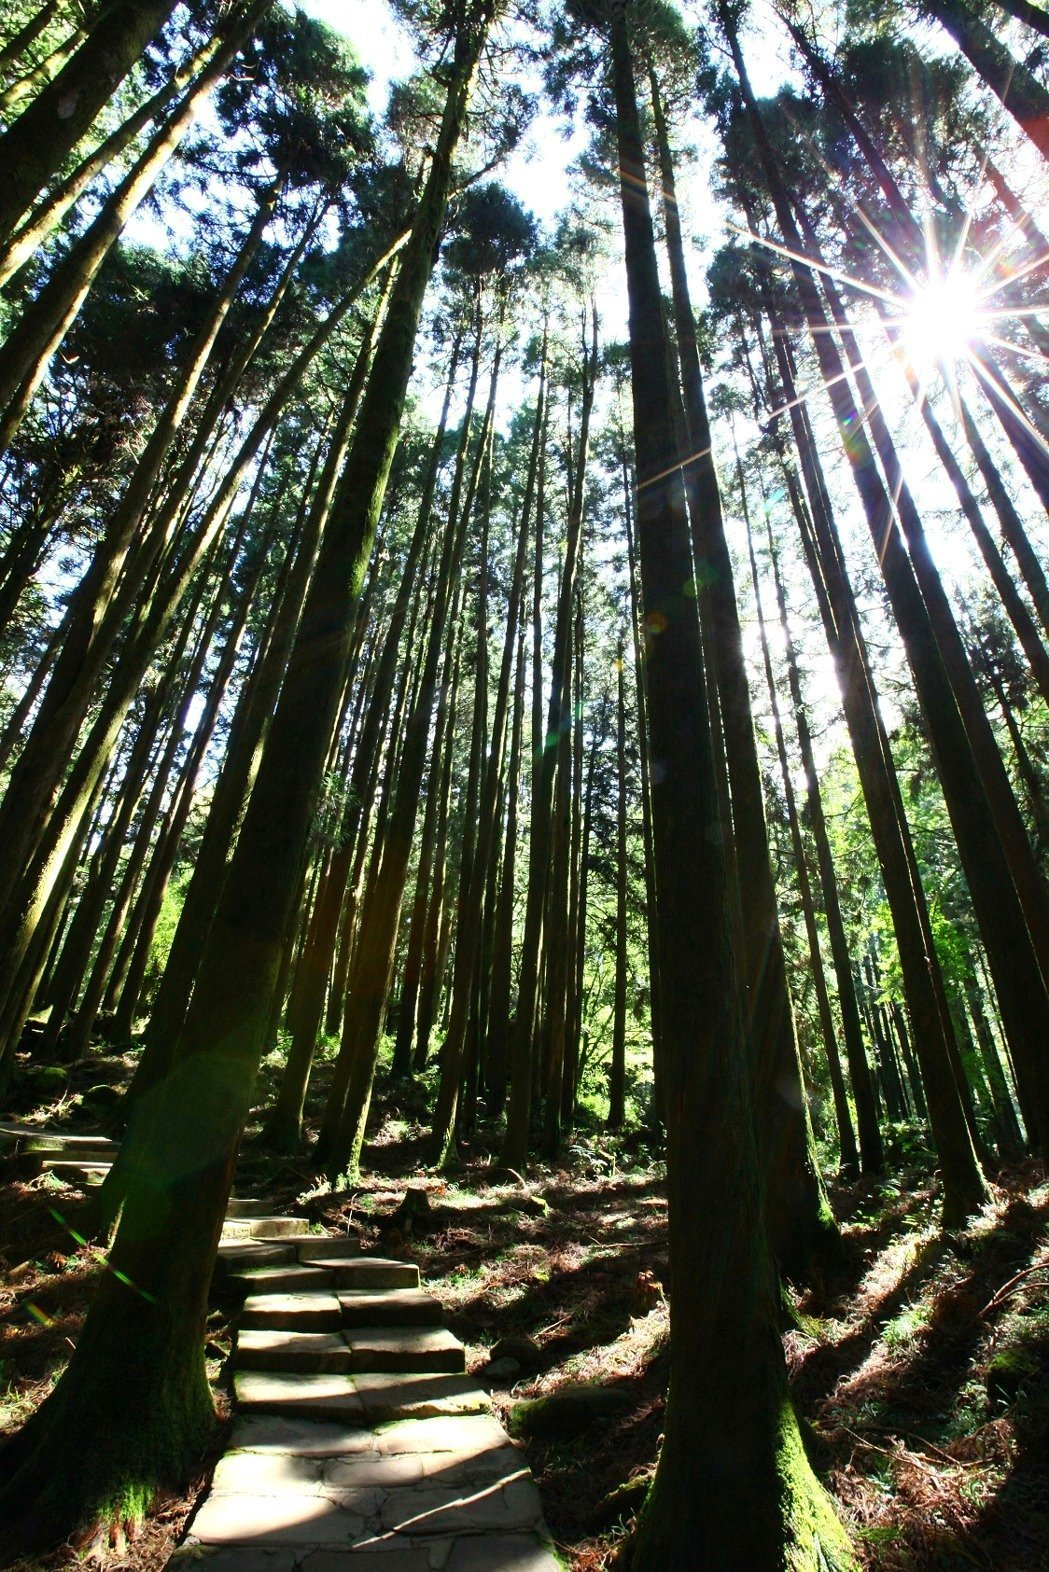 阿里山遊樂區巨木群吸取芬多精。圖/林務局提供